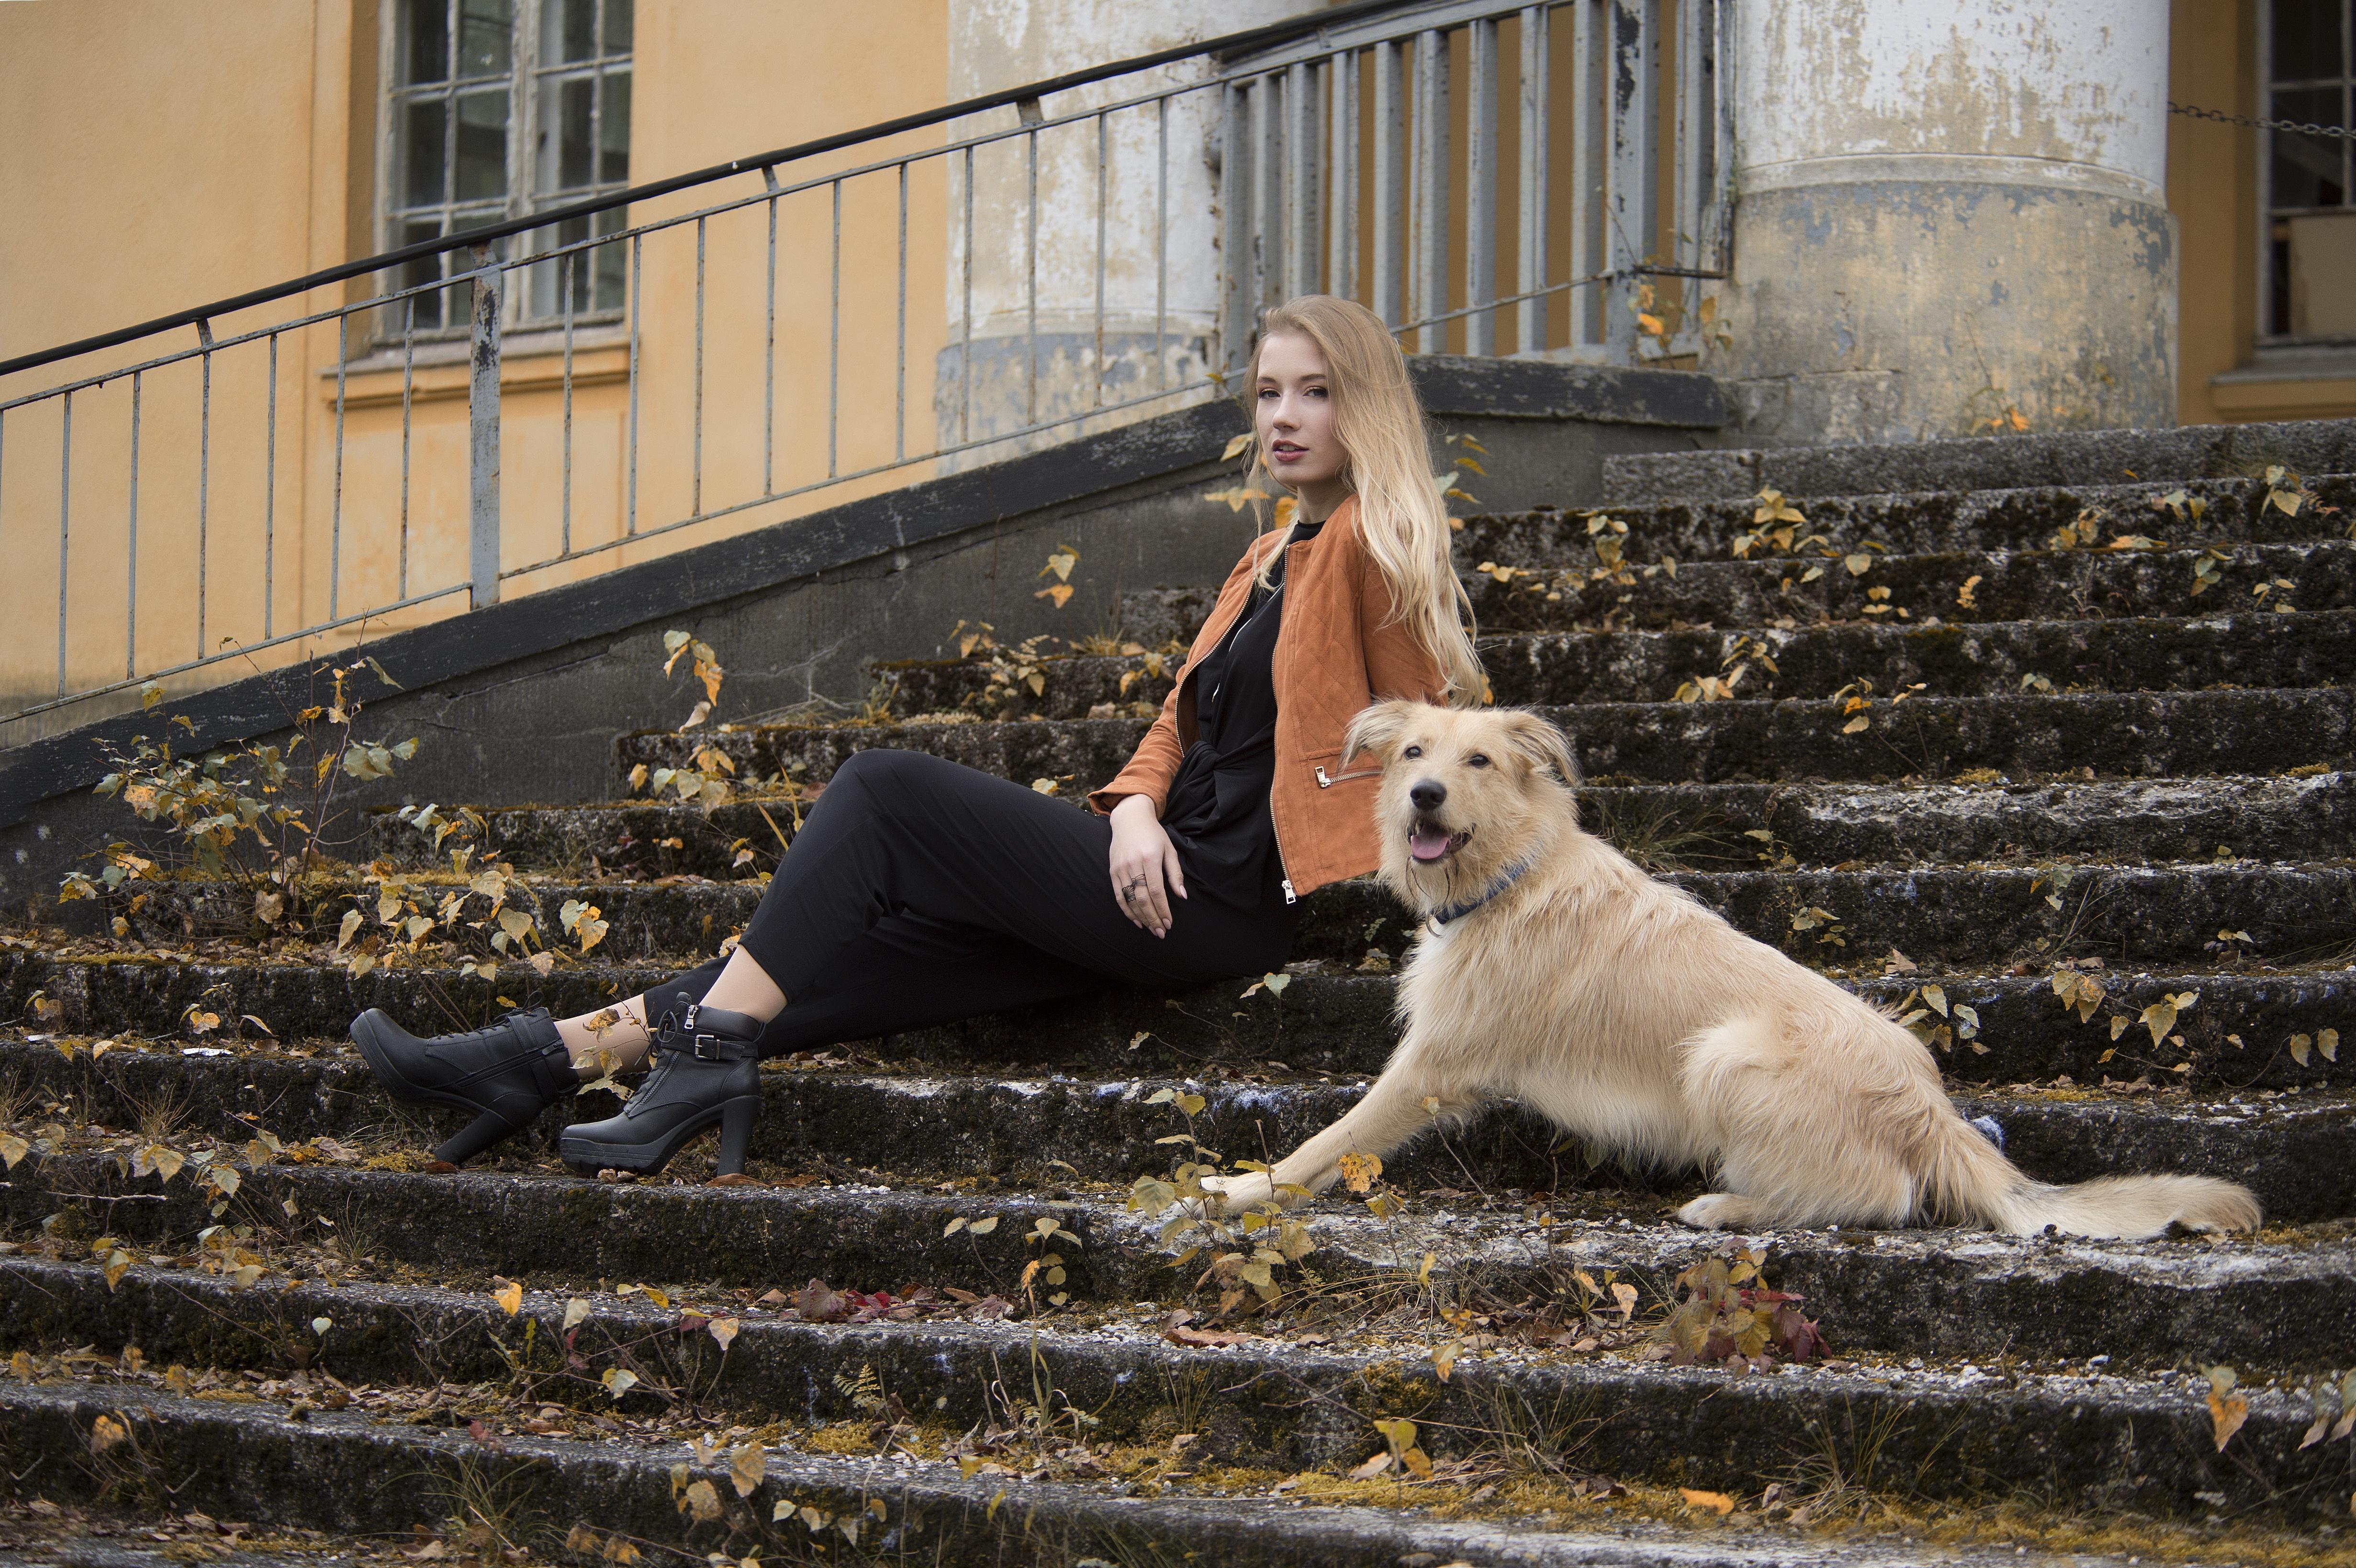 Девушка в украине жила с собаками